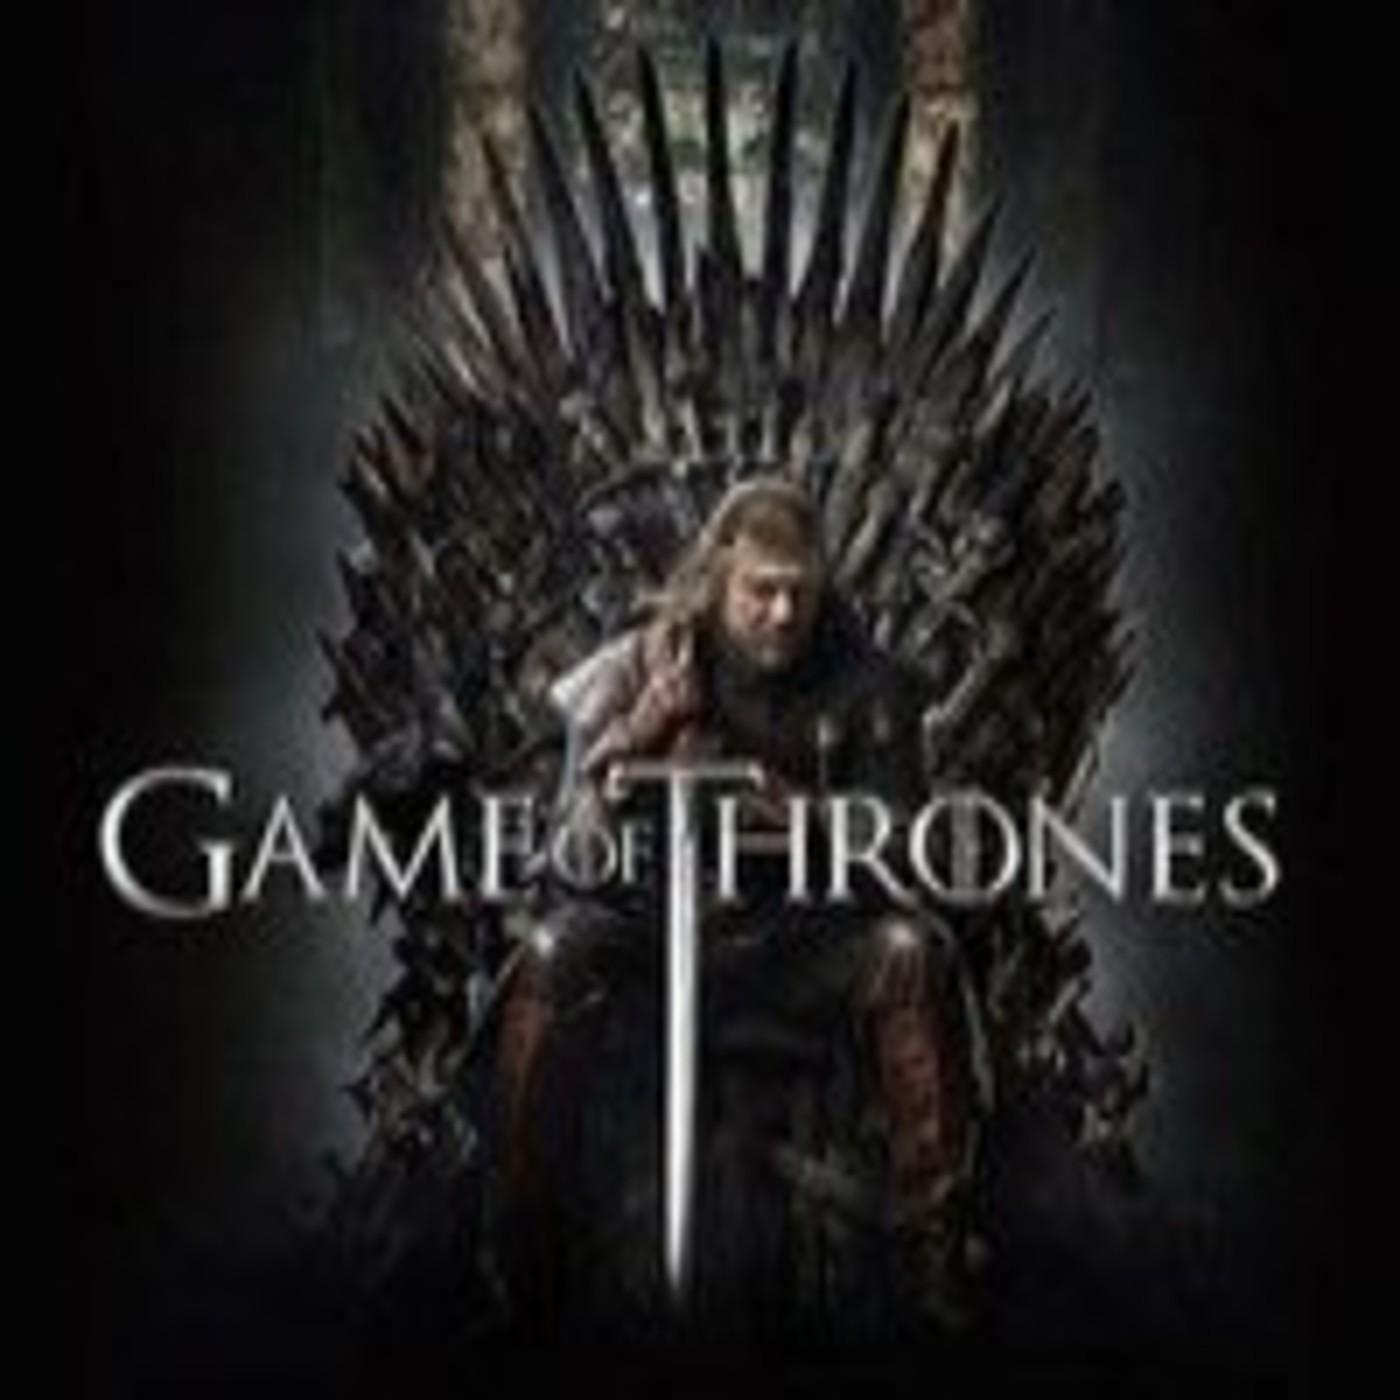 Juego de Tronos (Temporada 1 - Episodios 3-4) en Escuchando ...